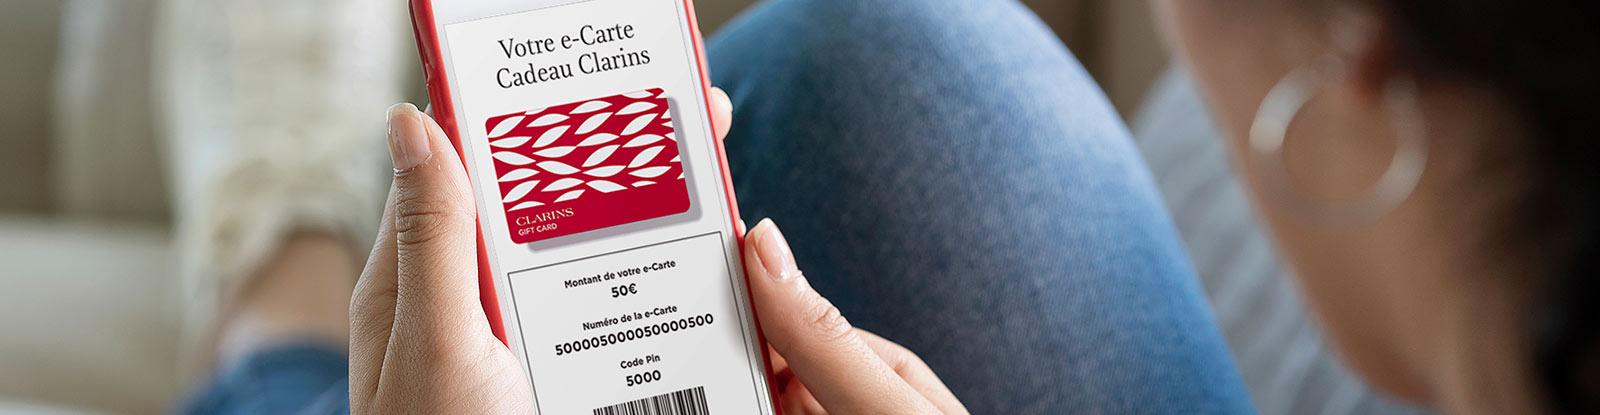 Carte Cadeau Clarins